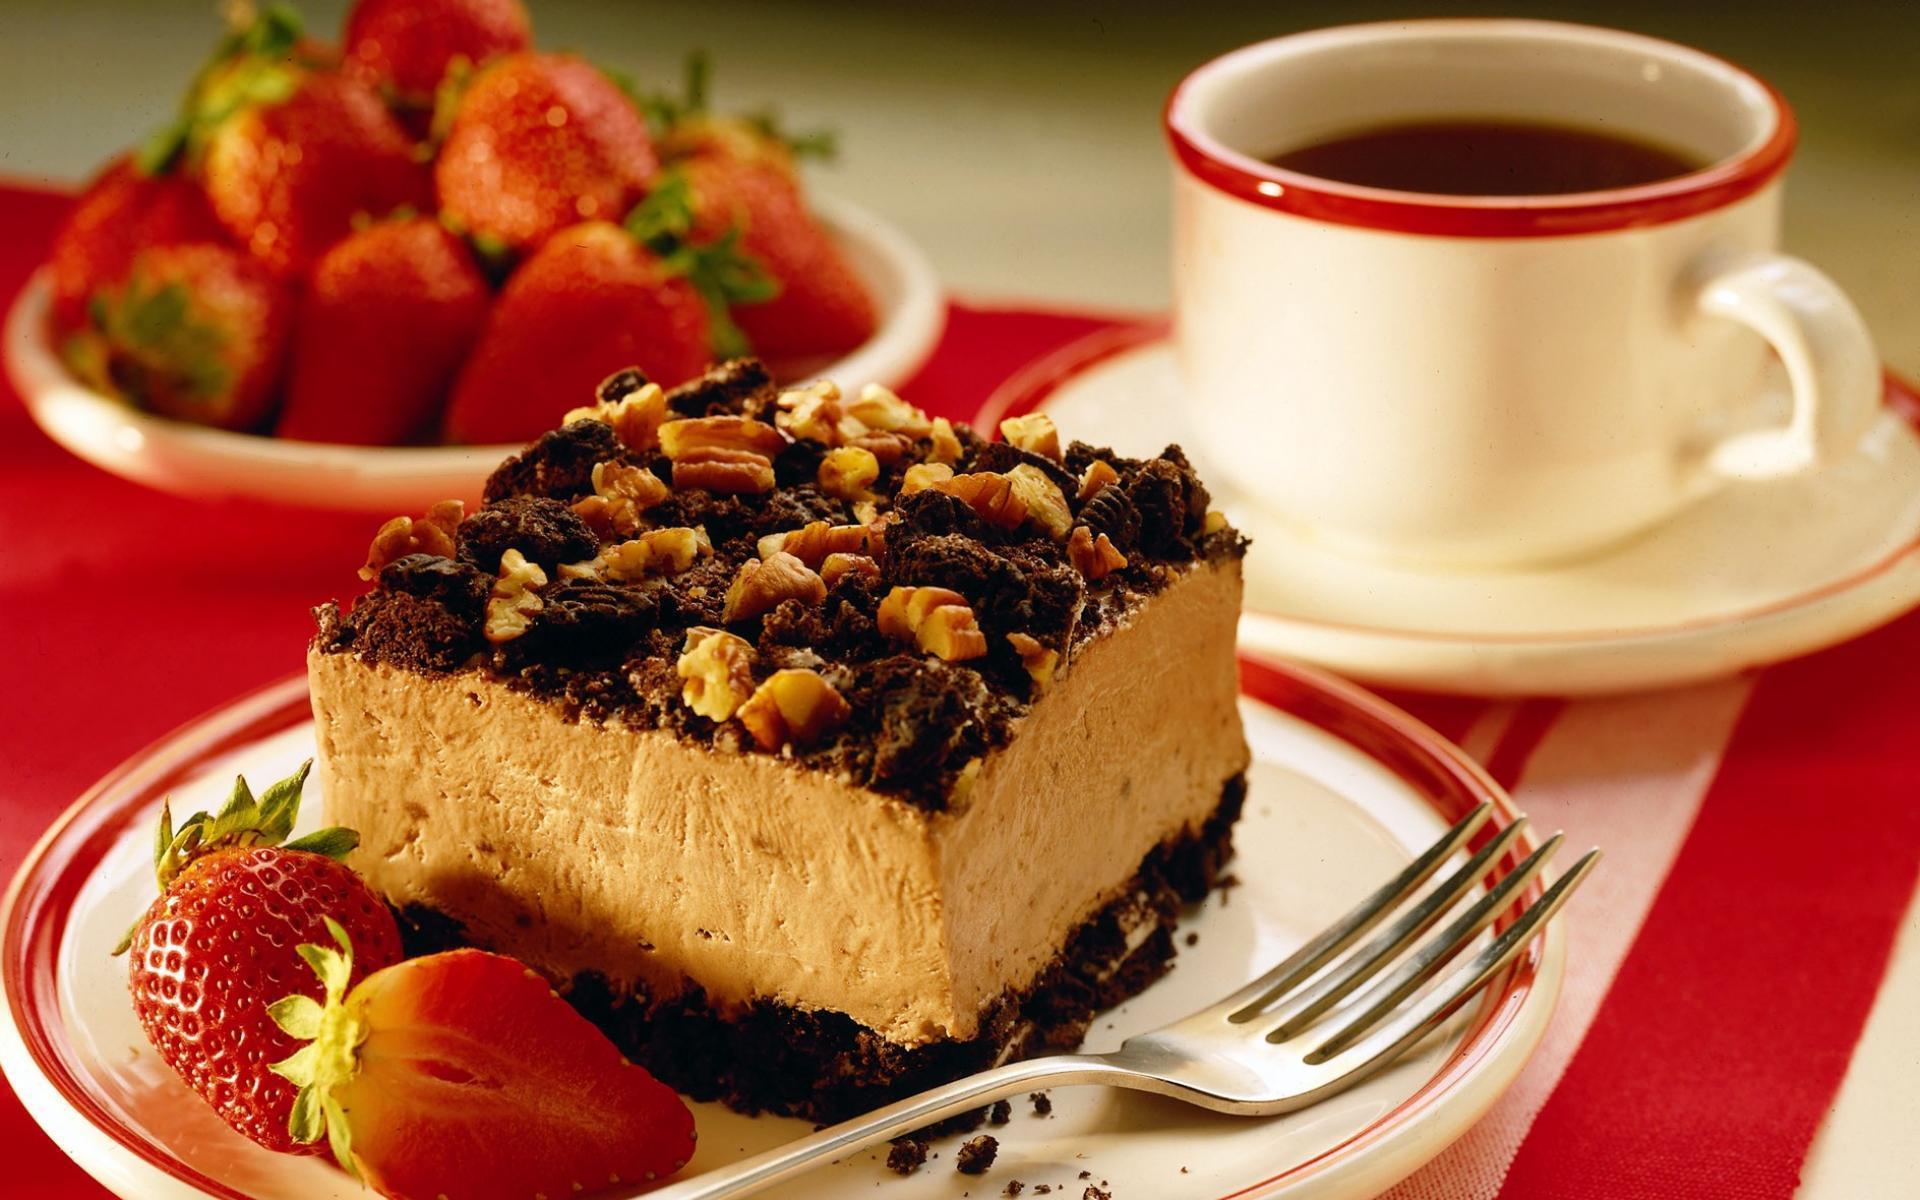 Пироженое с клюбникой и с чаем  № 2153789 без смс